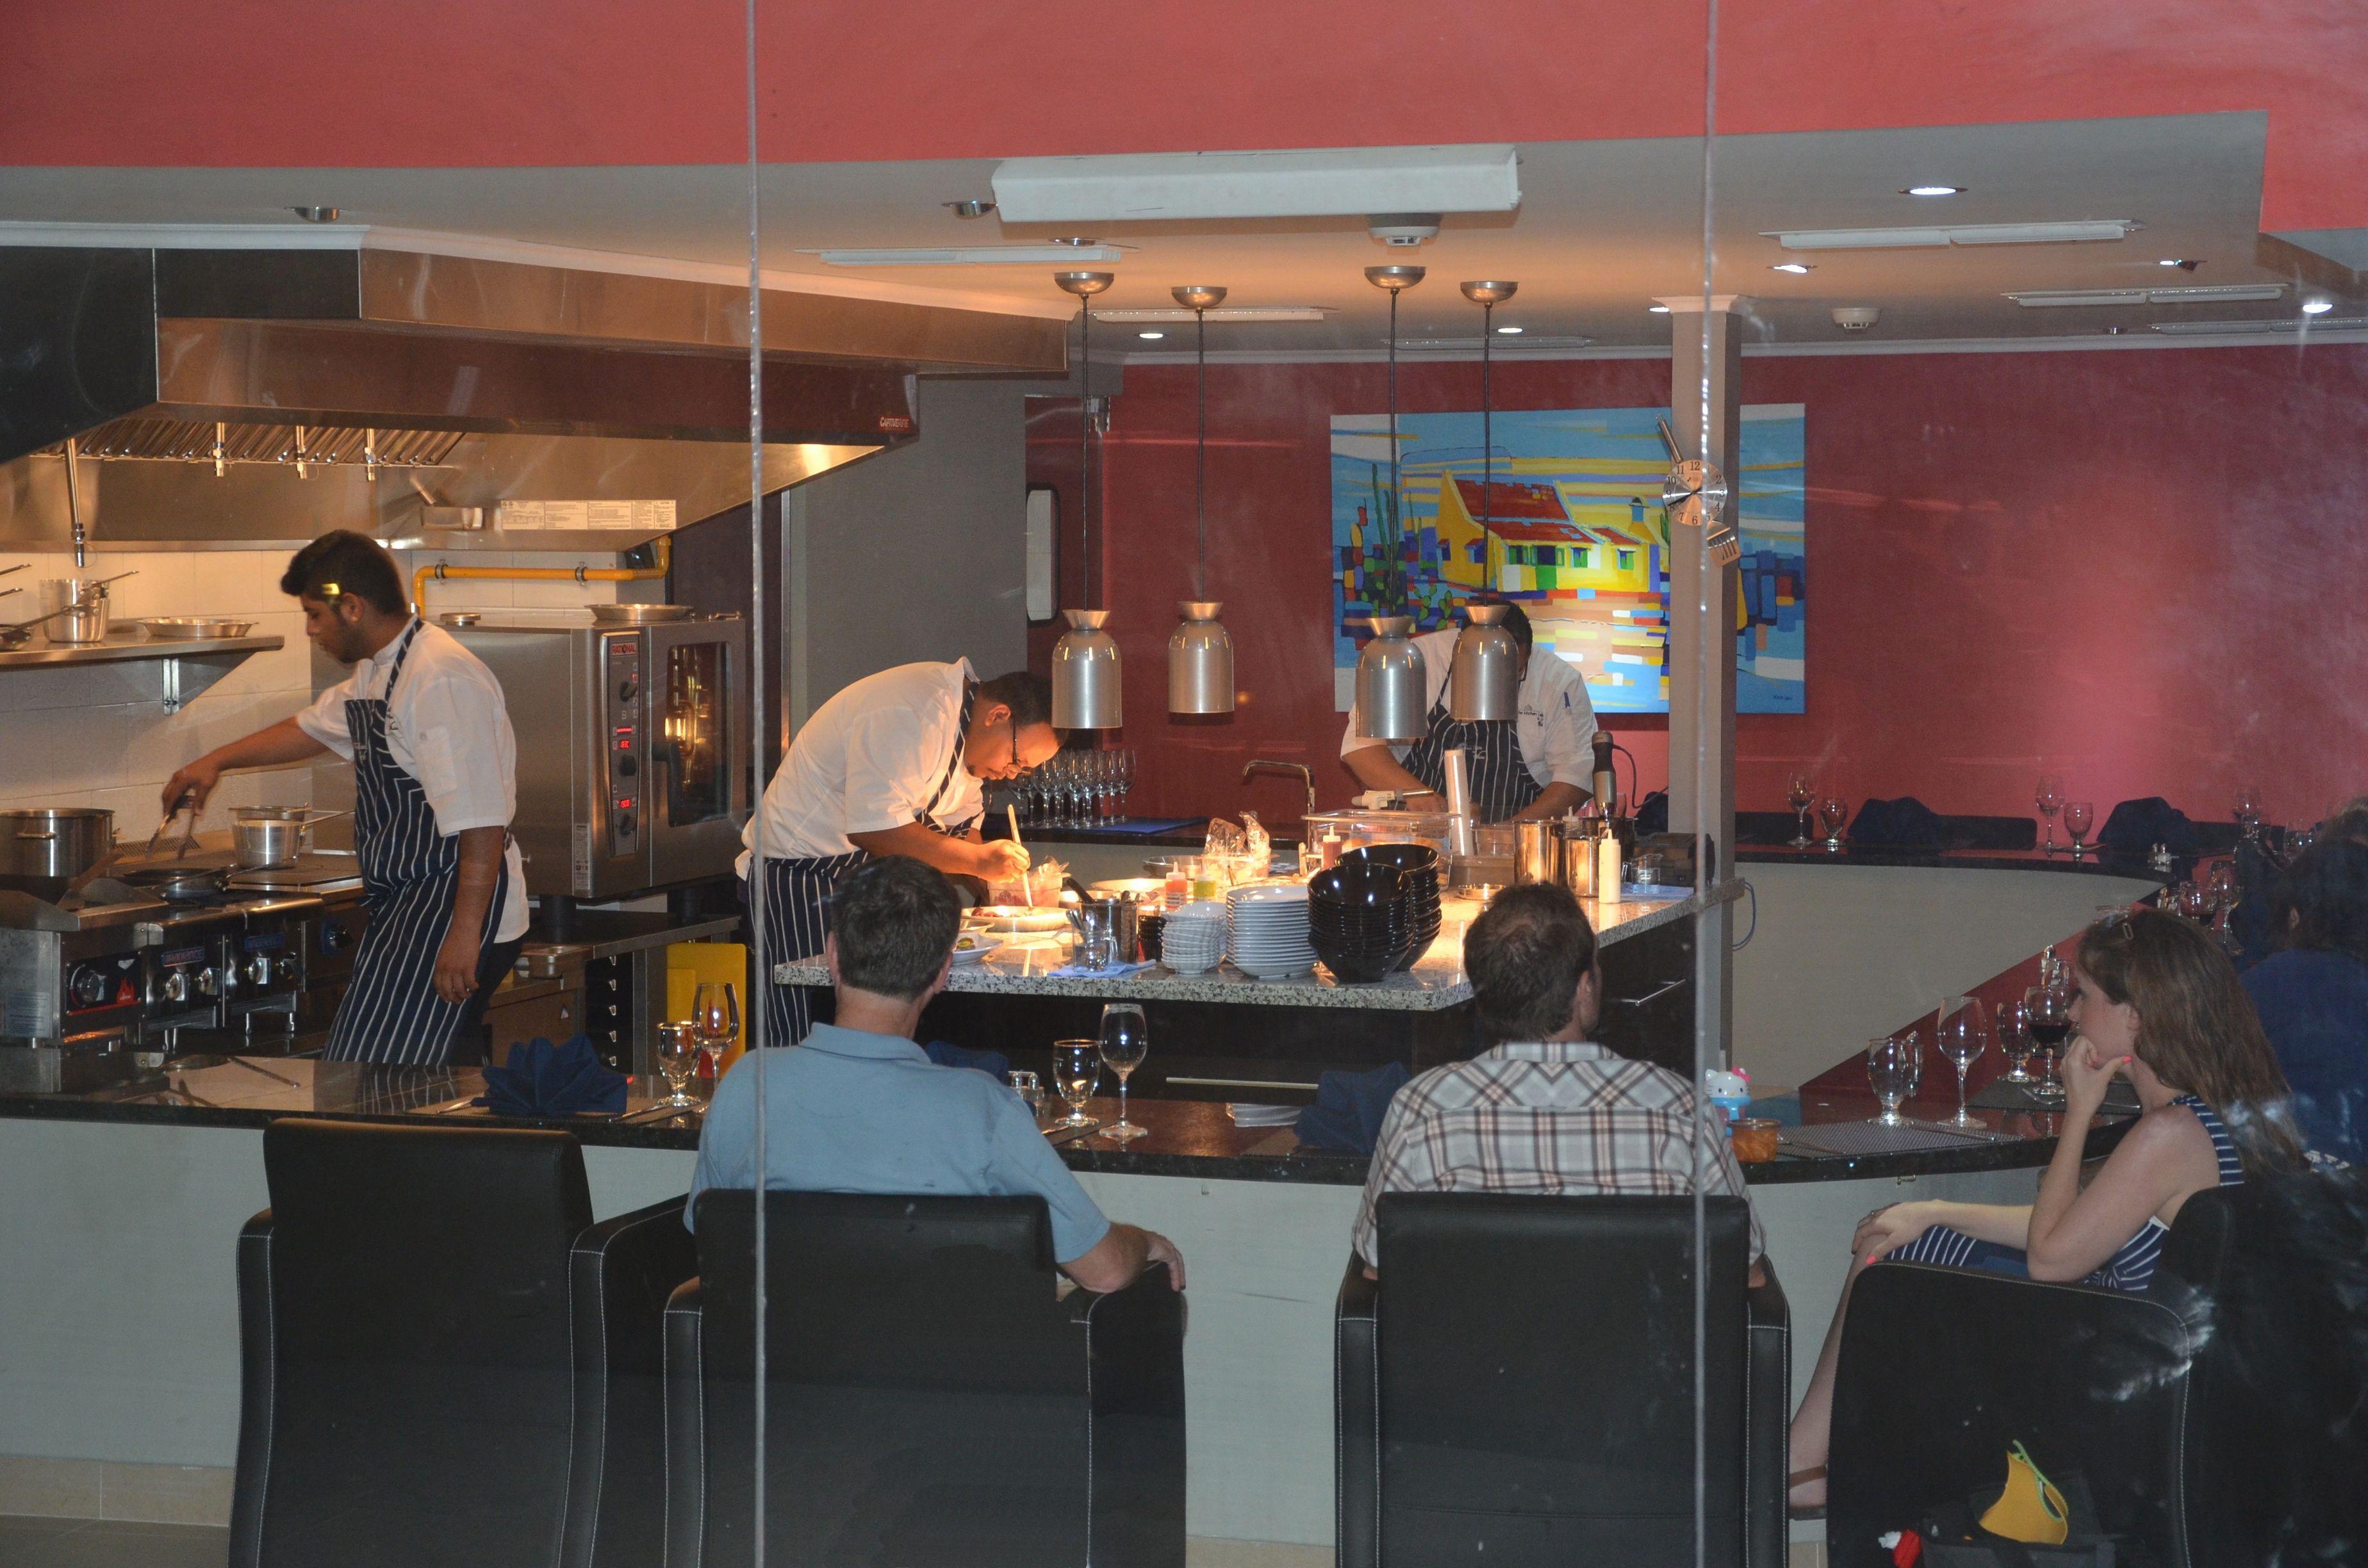 The Kitchen Table Restaurant Aruba Kitchen Table Restaurant Table